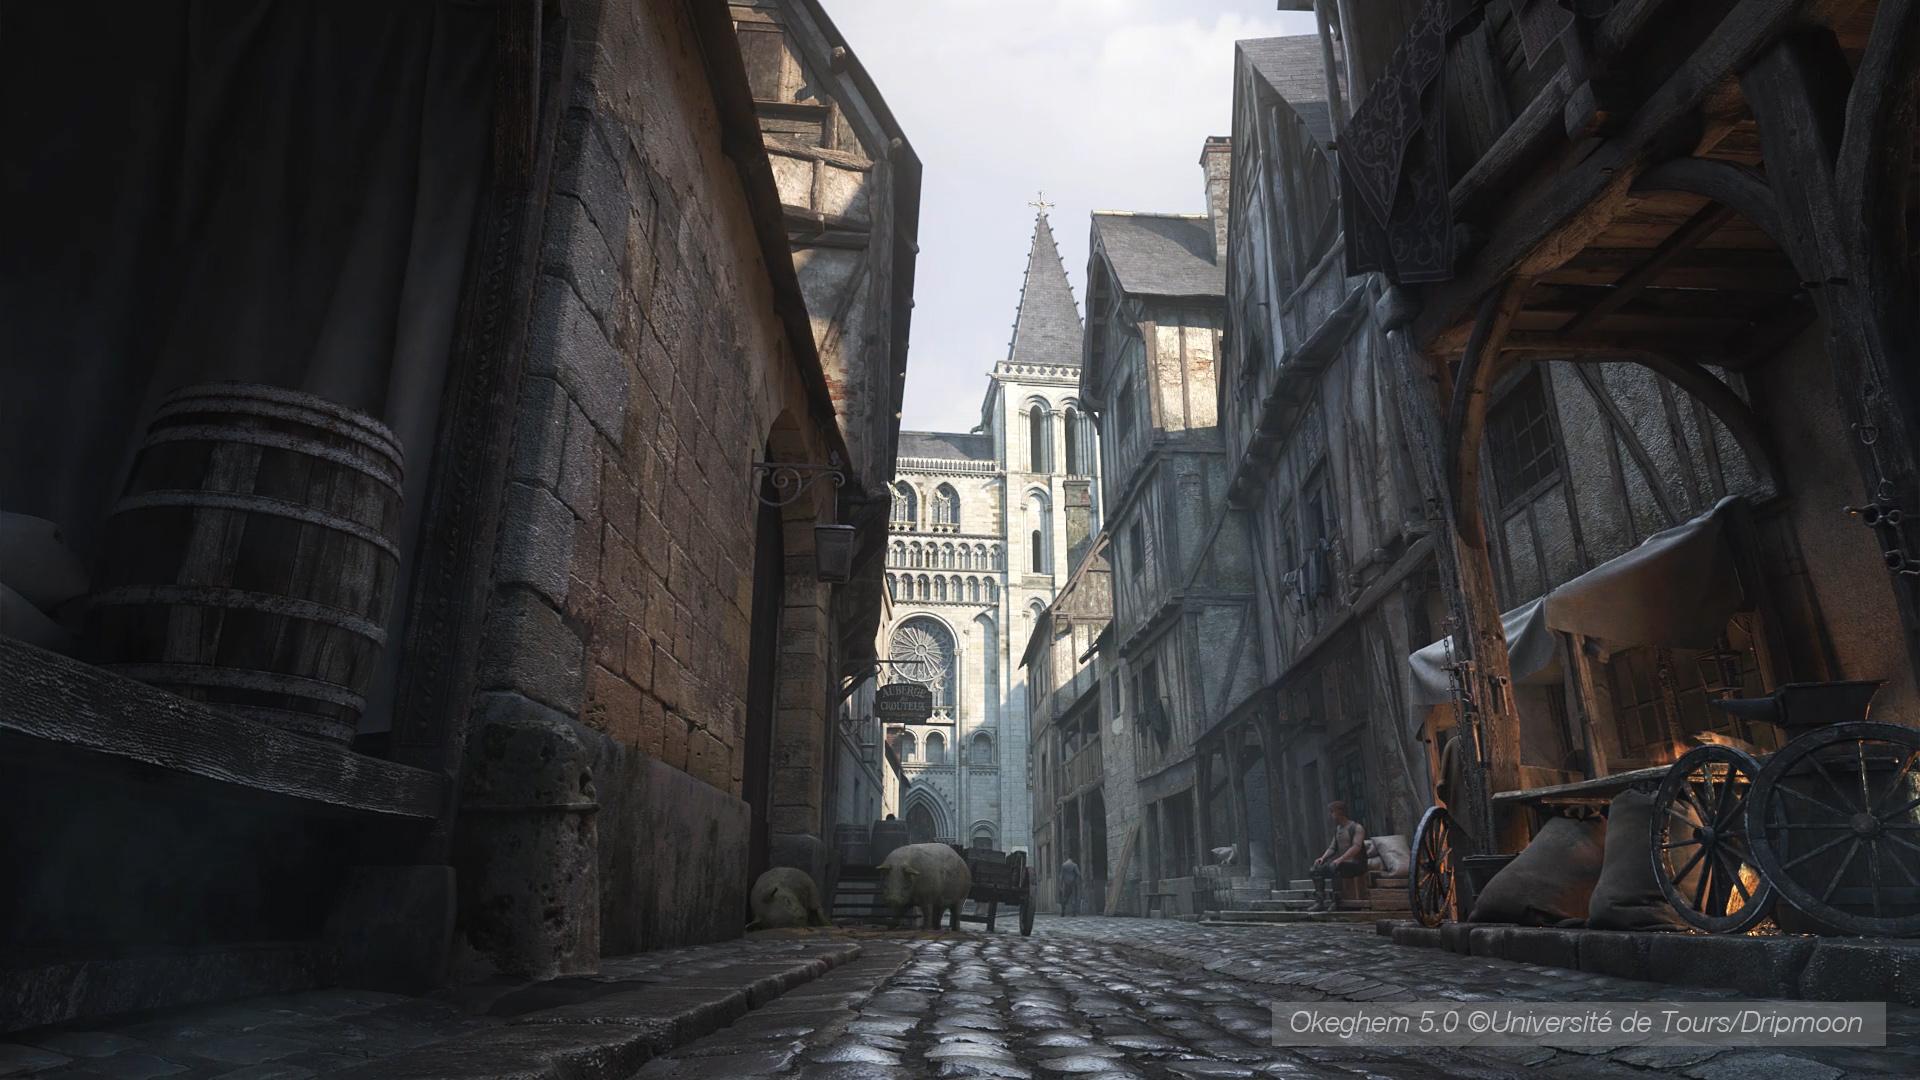 Modélisation pour restitution 3D de la ville de Tours au XVème siècle par l'agence Dripmoon